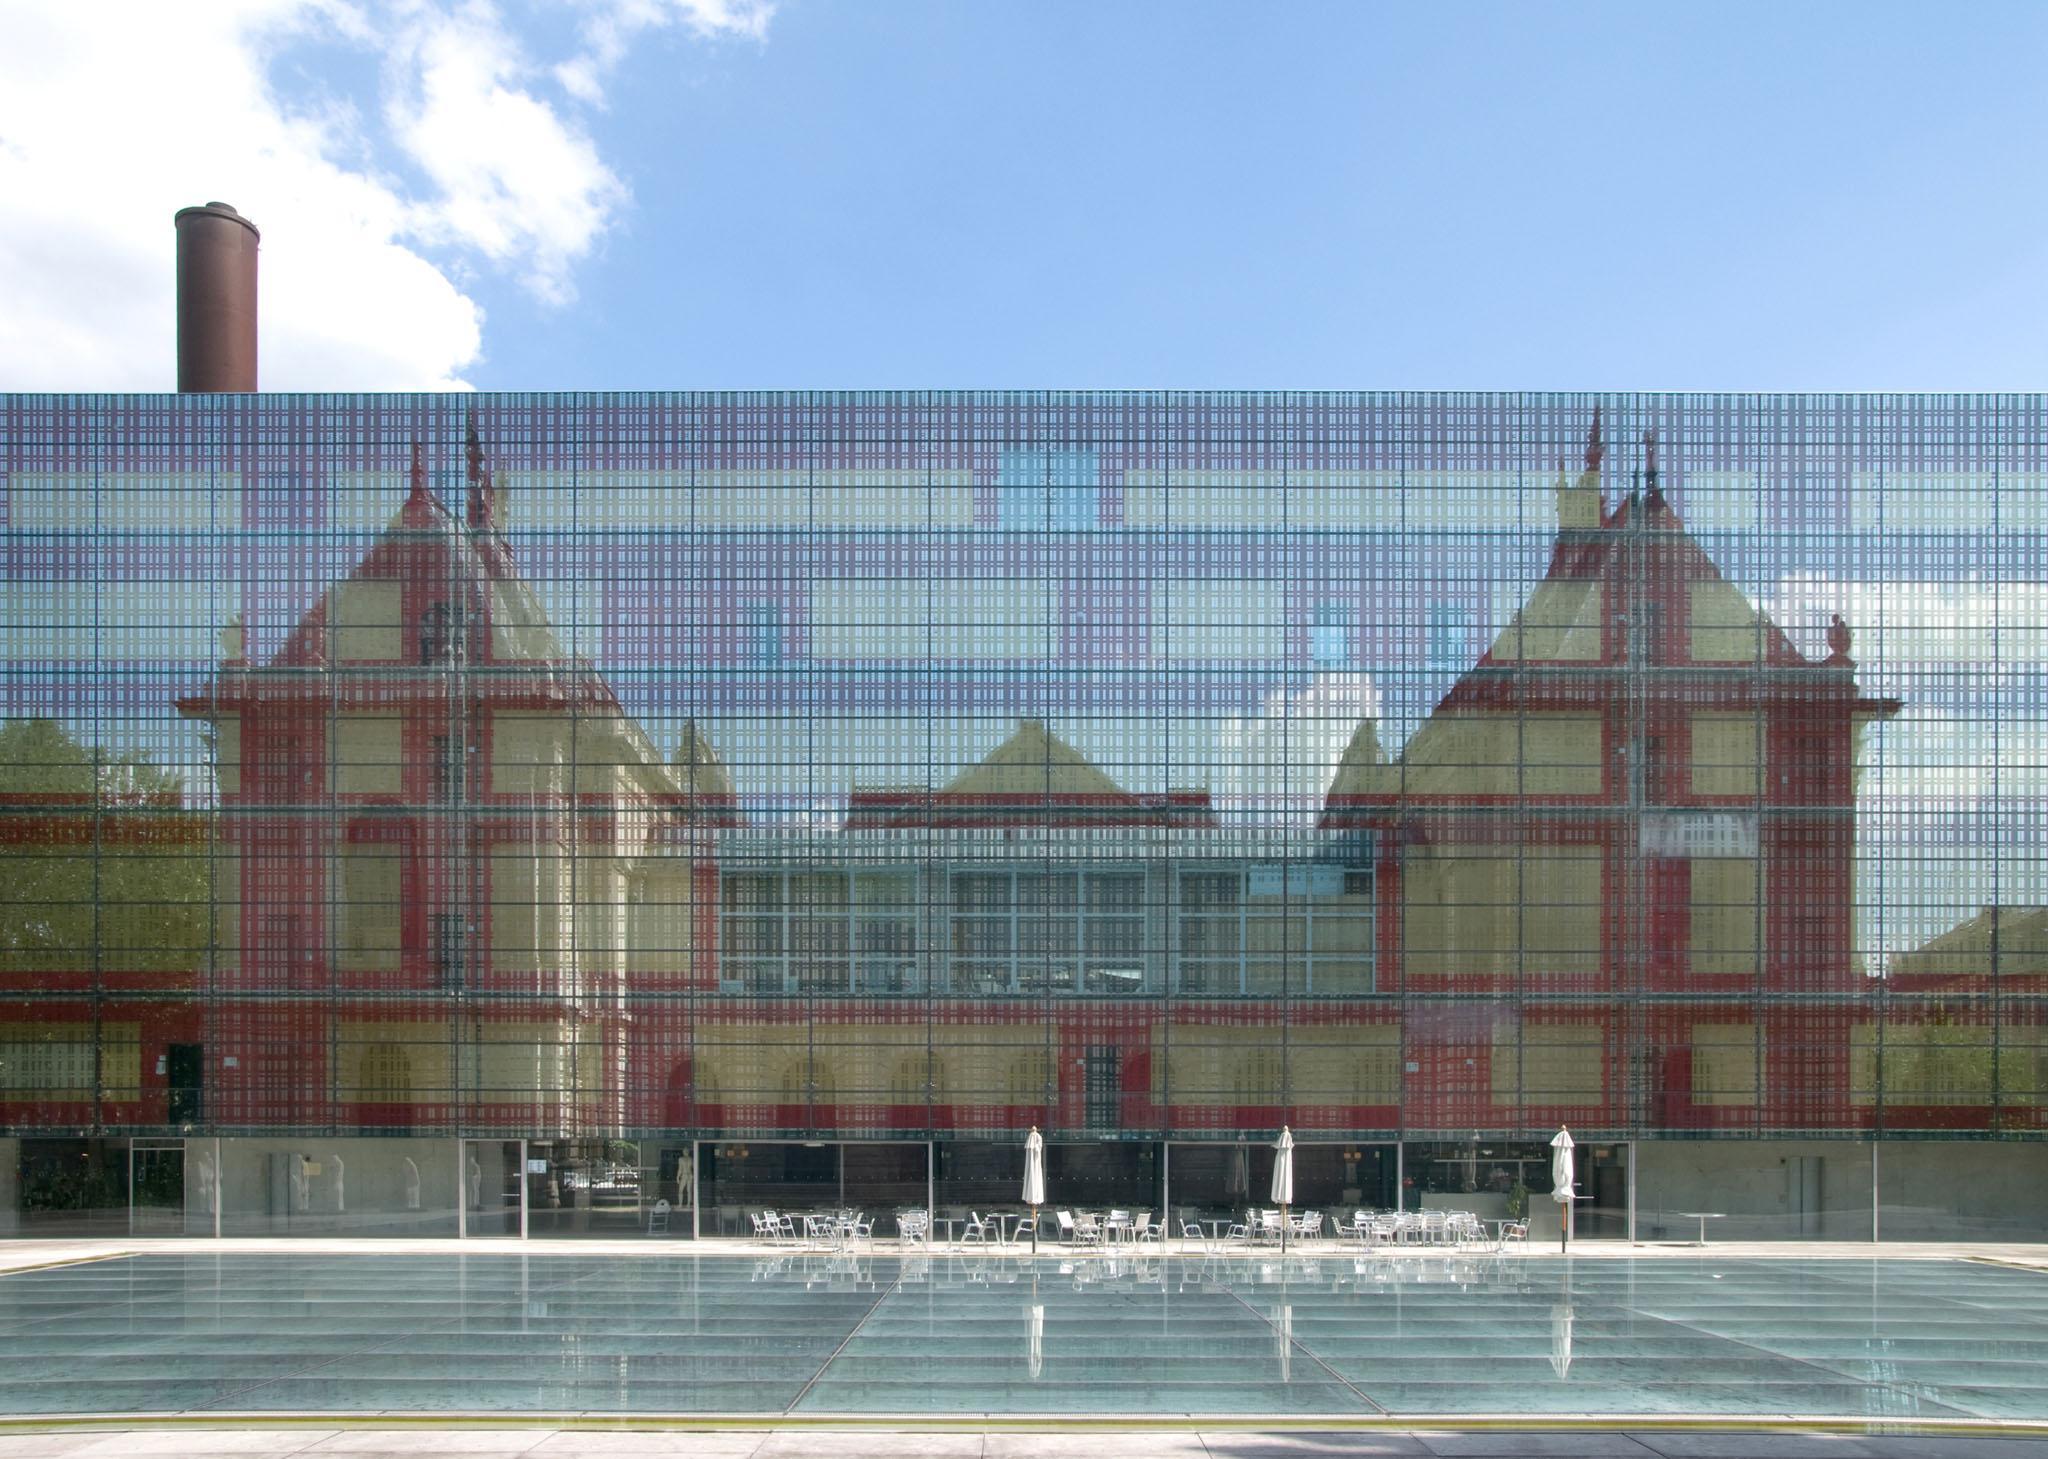 musee-des-beaux-arts-de-lille-batiment-lame-palais-des-beaux-arts-de-lille-photo-iovino